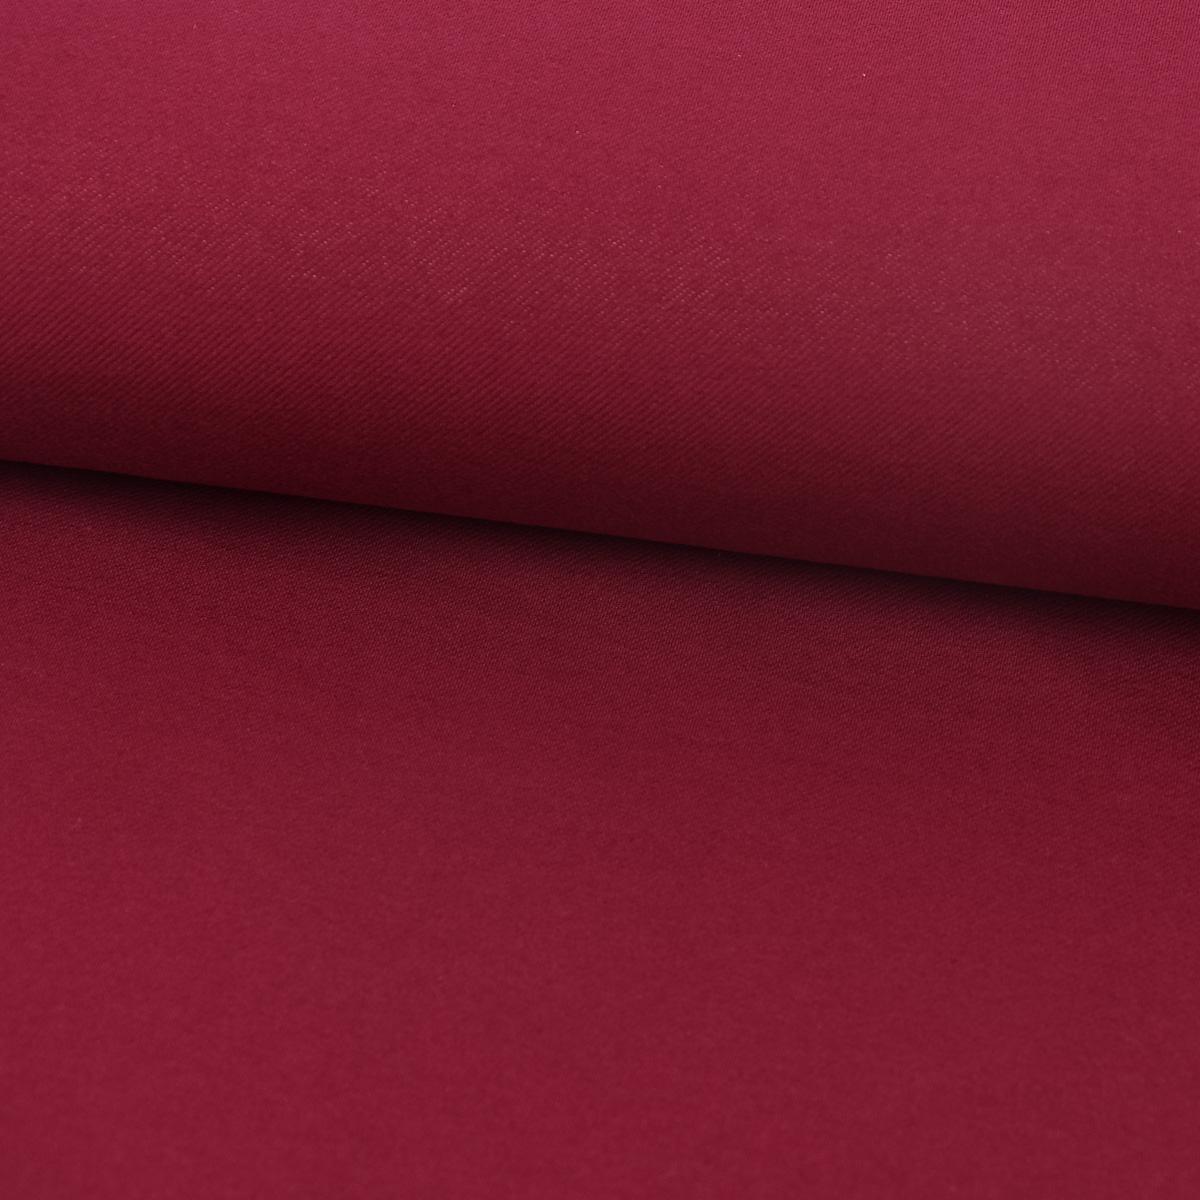 Baumwoll-Jeansstoff mit Elasthan Stretchjeans-Stoff weich einfarbig weinrot 1,5m Breite